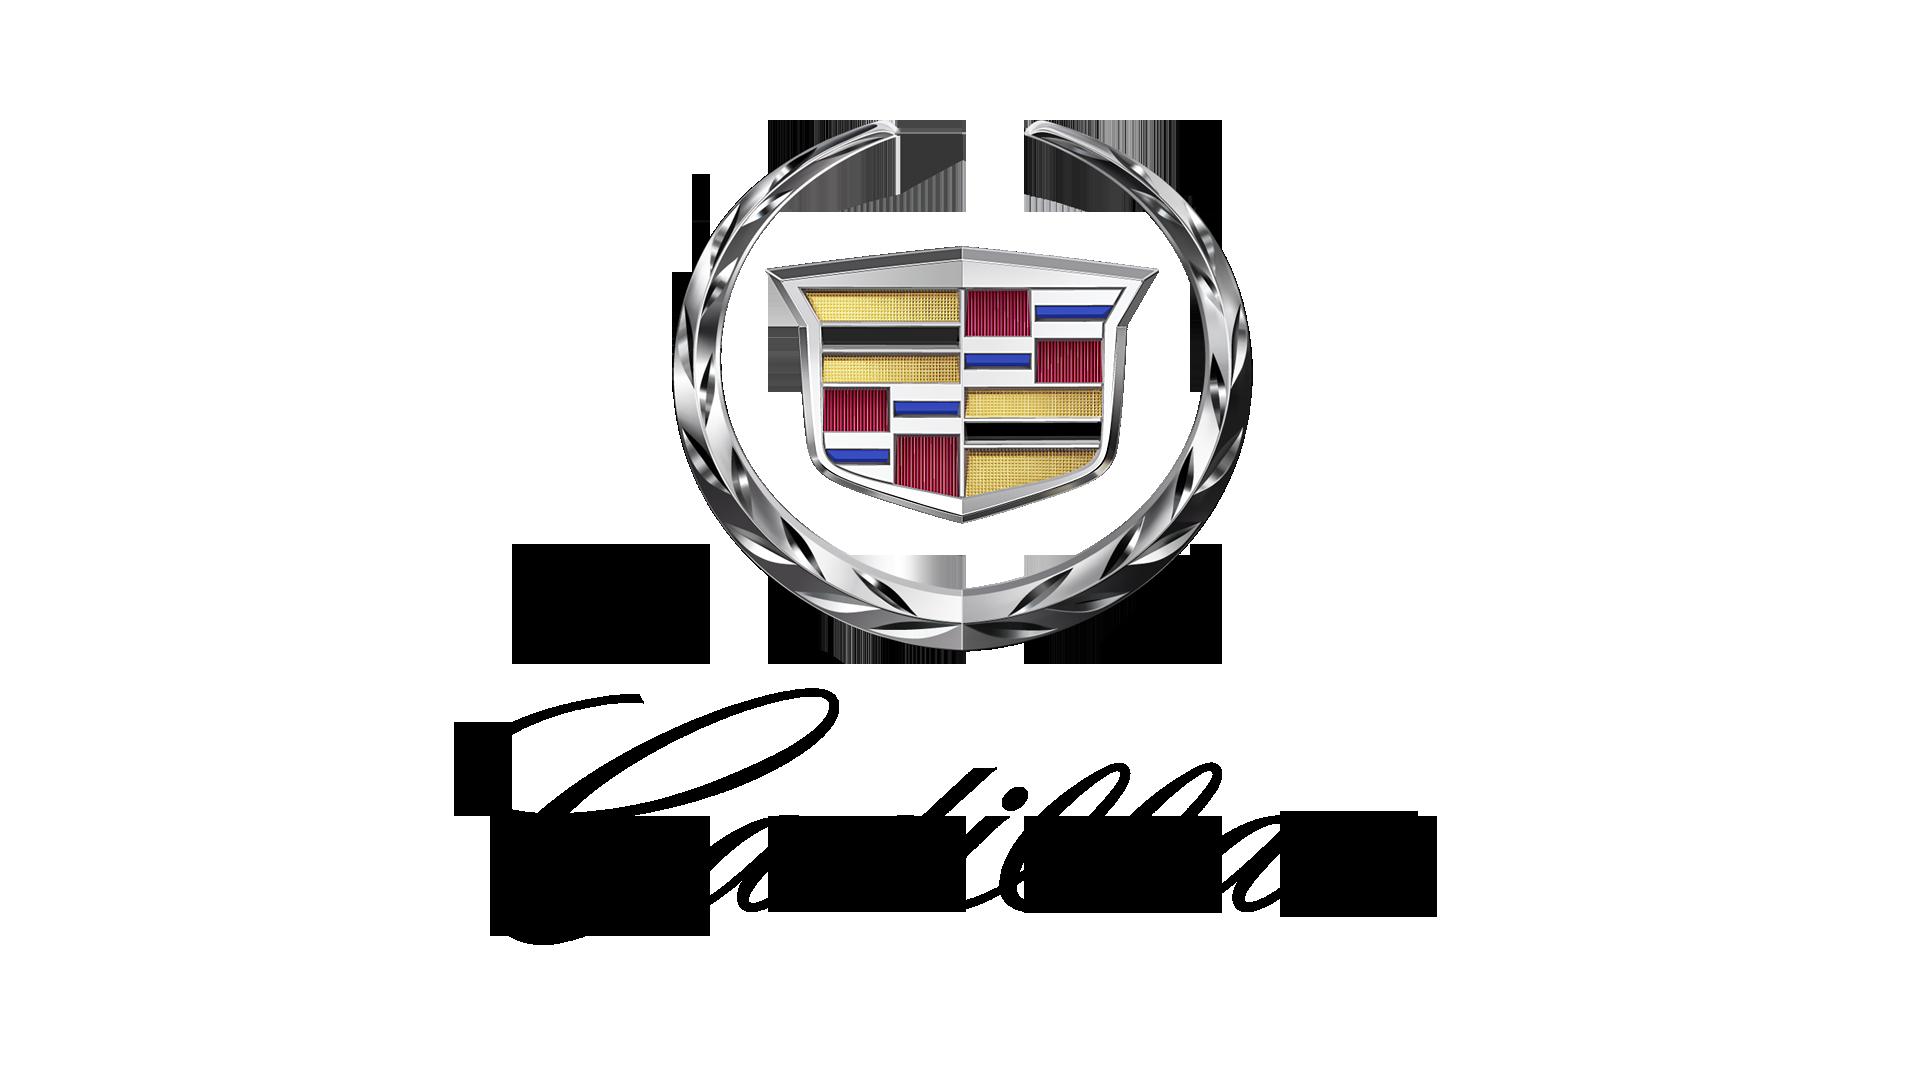 cadillac-emblem-2009-1920x1080.png